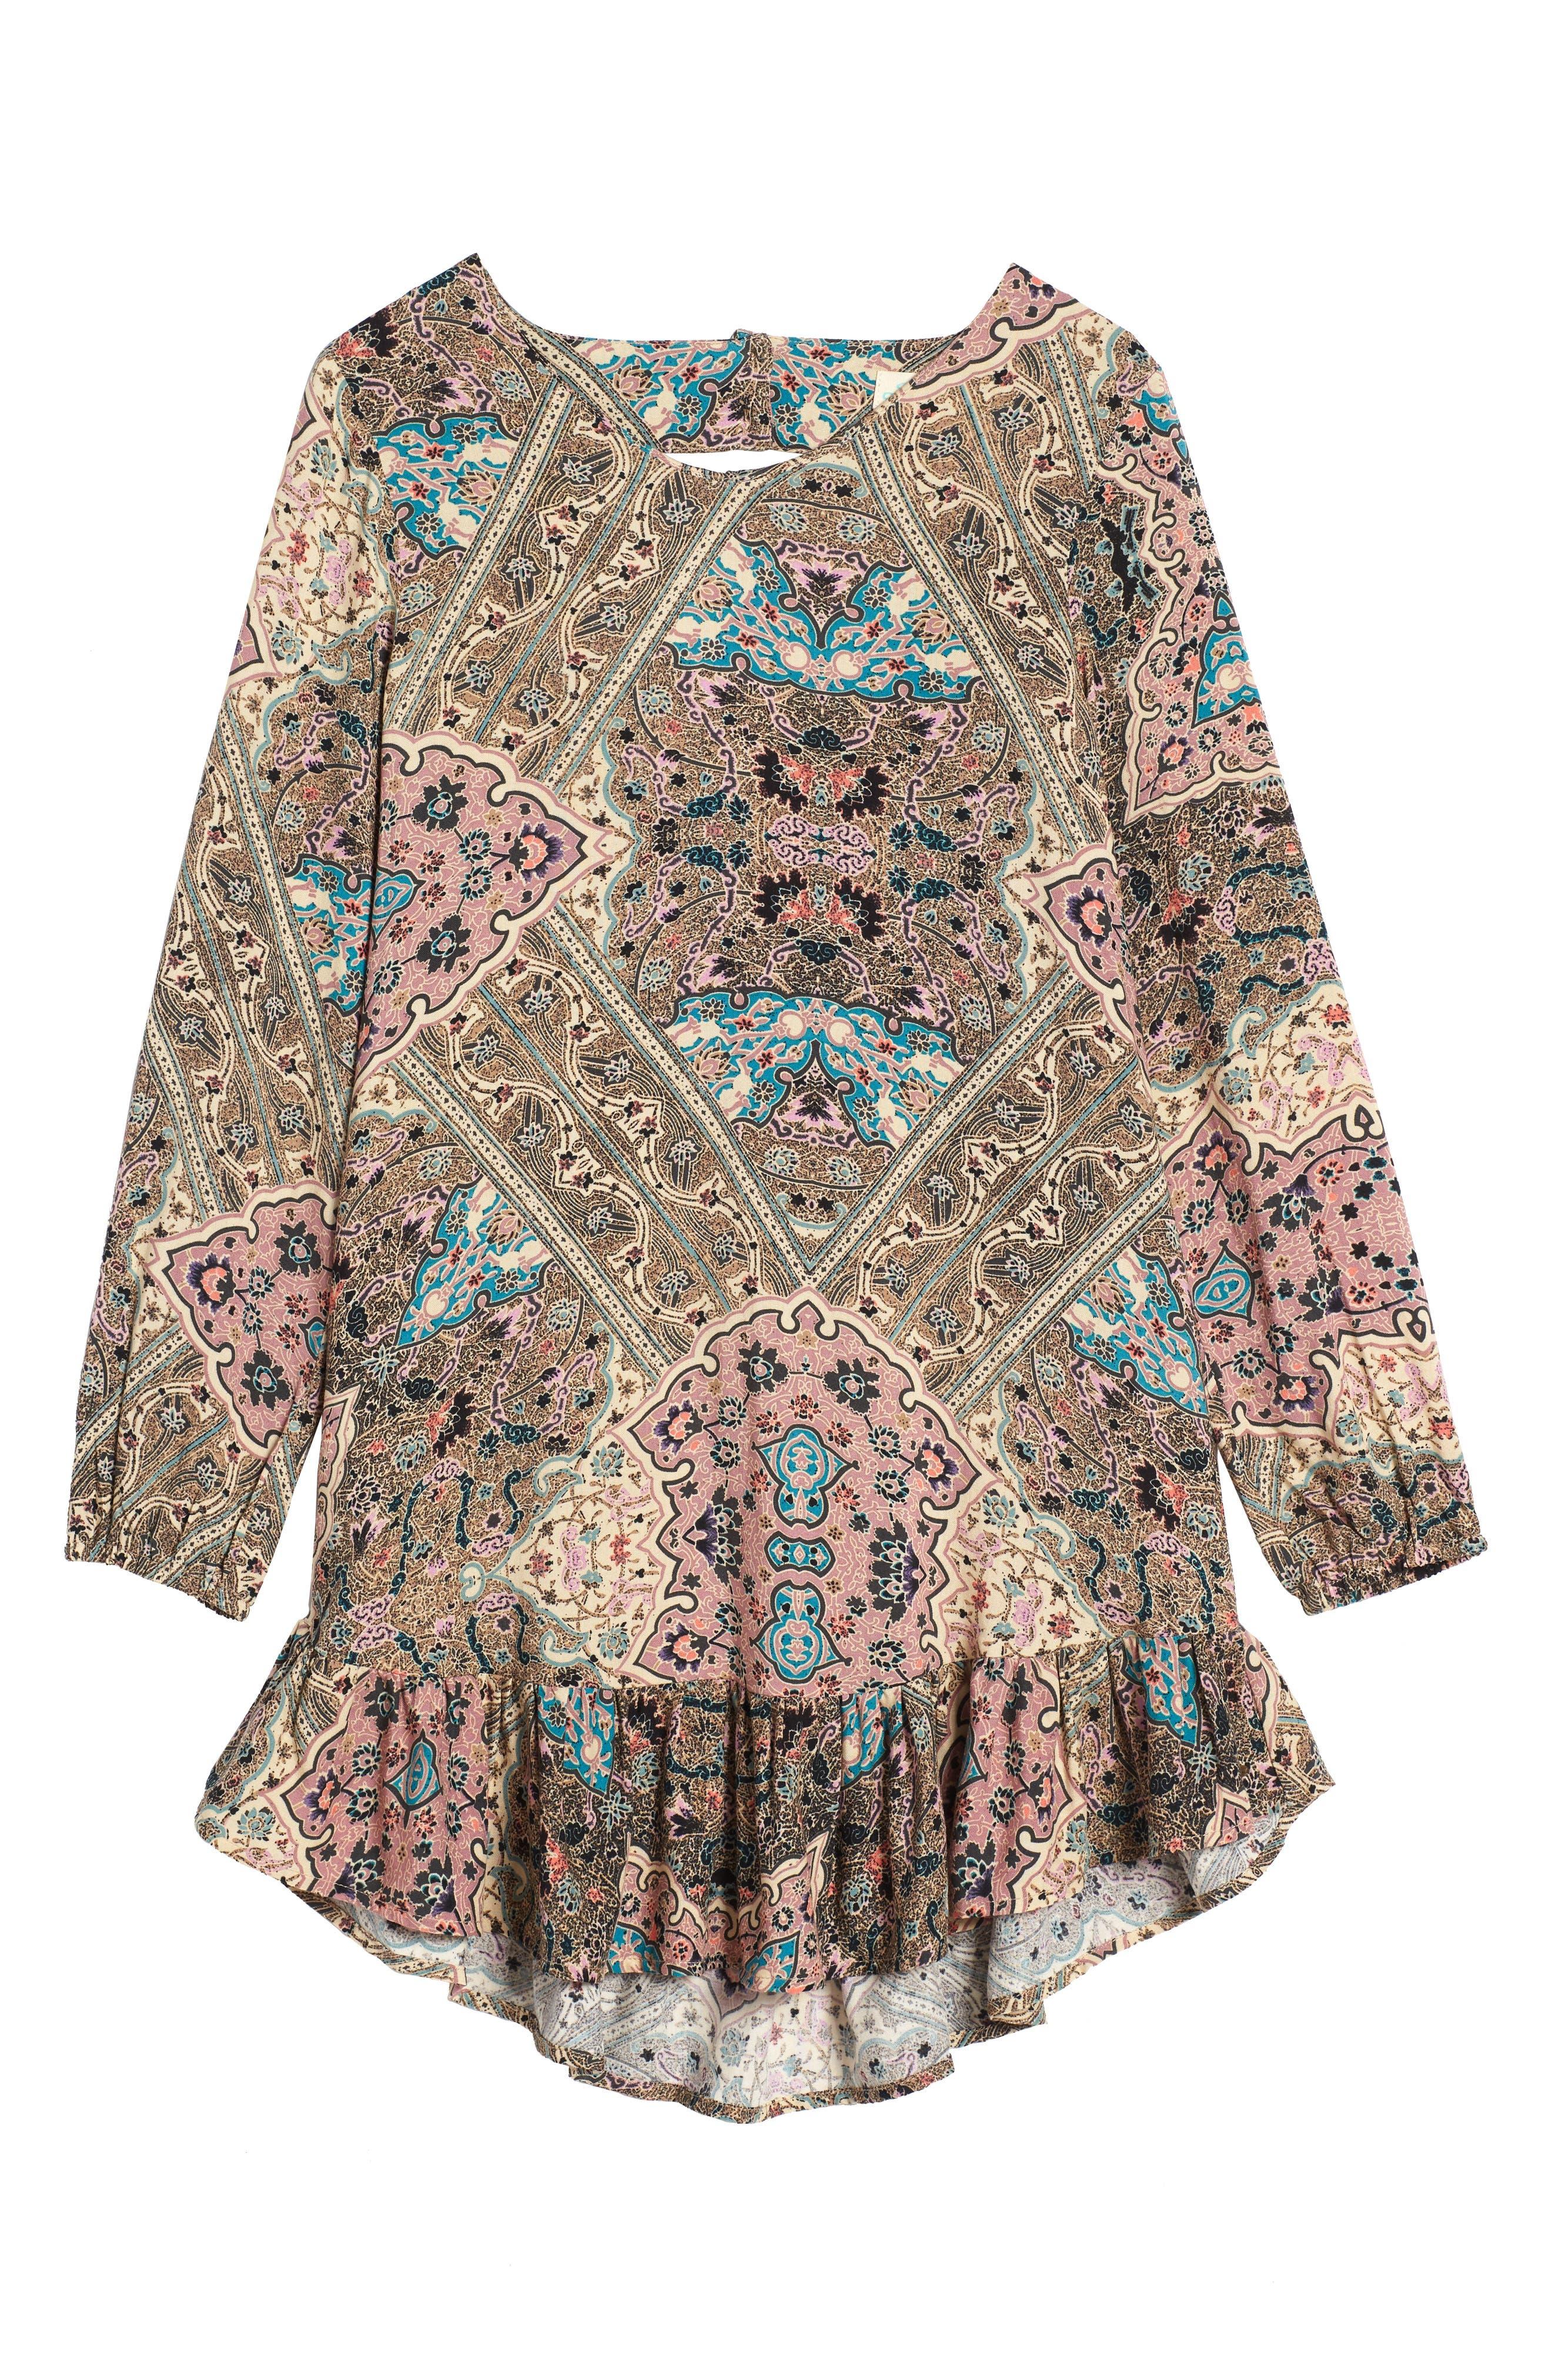 Samantha Print Dress,                             Main thumbnail 1, color,                             250